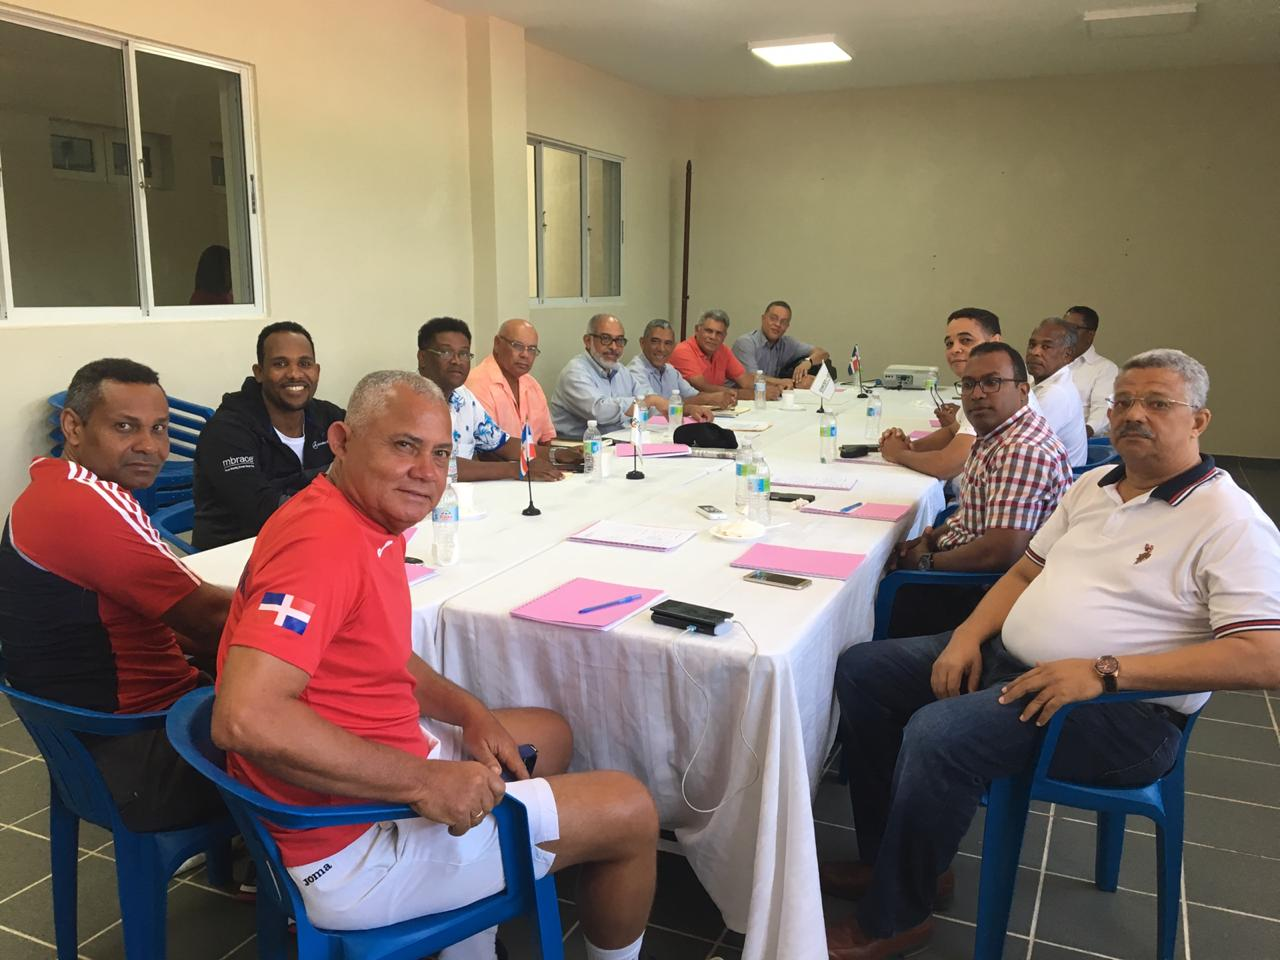 La Federación Dominicana de Tenis celebró su asamblea anual